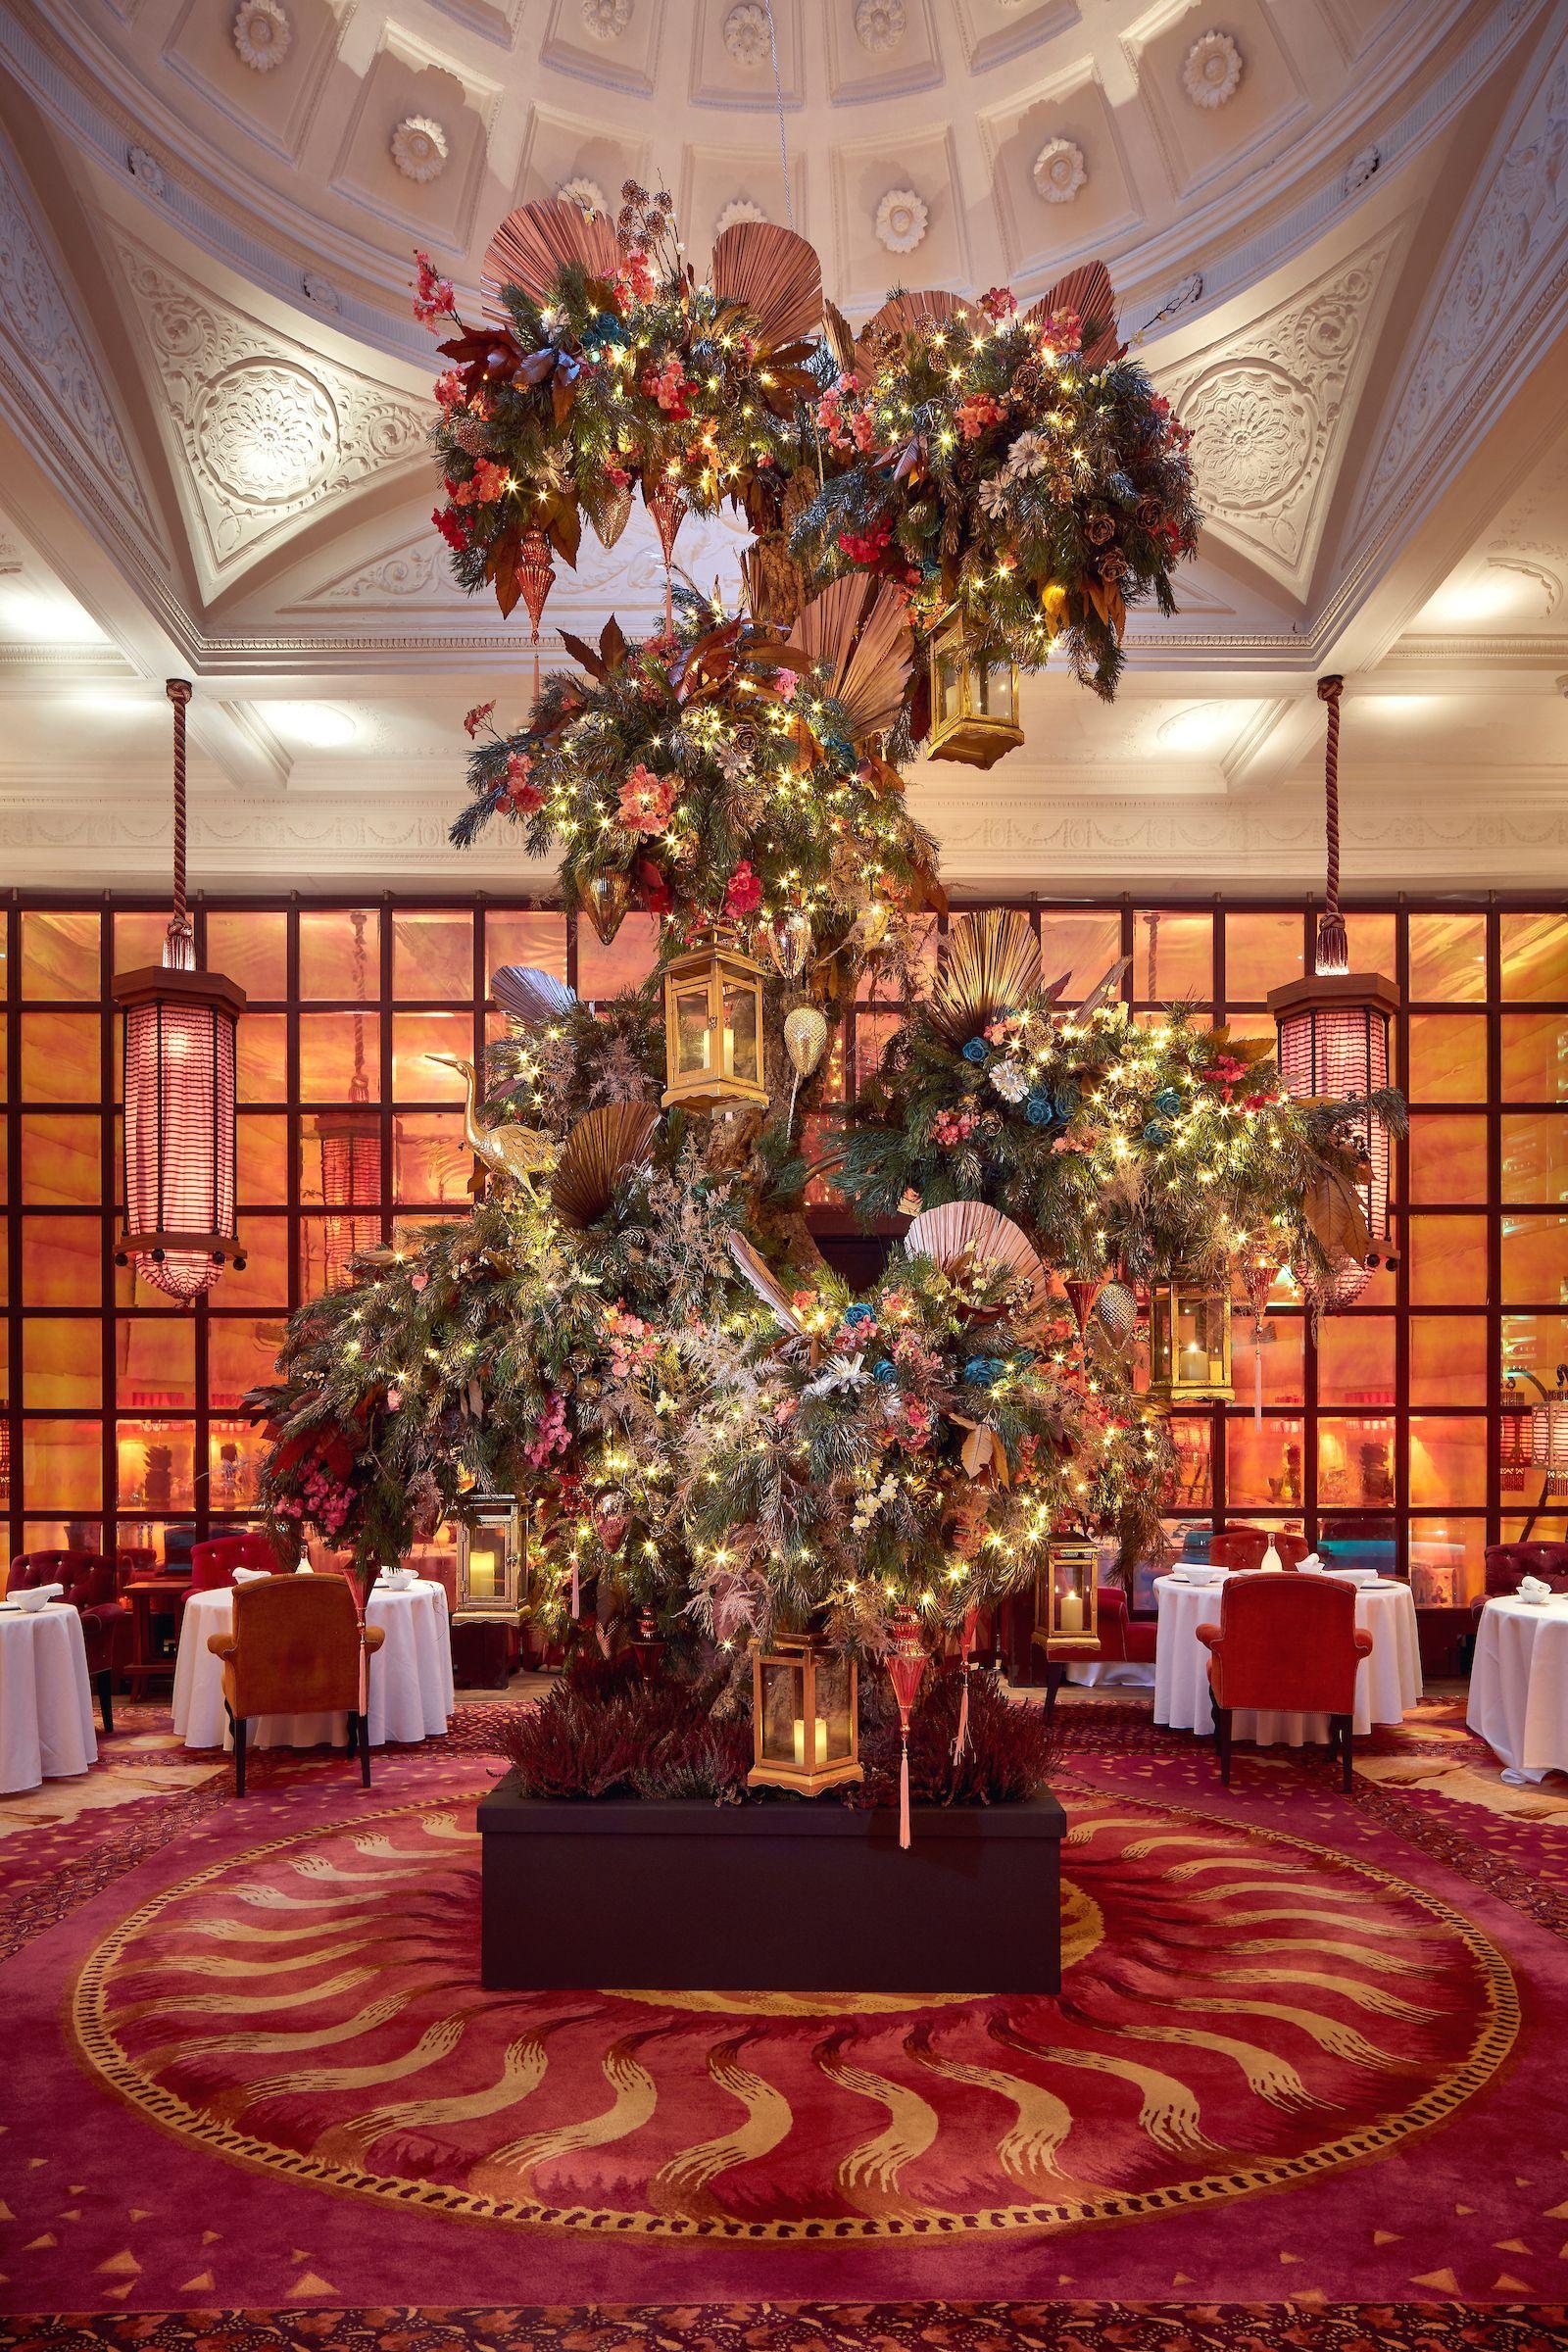 Decorazioni Natalizie Londra.Nelle Decorazioni Natalizie Di Sketch C E Tutto Lo Spirito Del Natale A Londra Decorazioni Idee Per L Albero Di Natale Decorazioni Natalizie